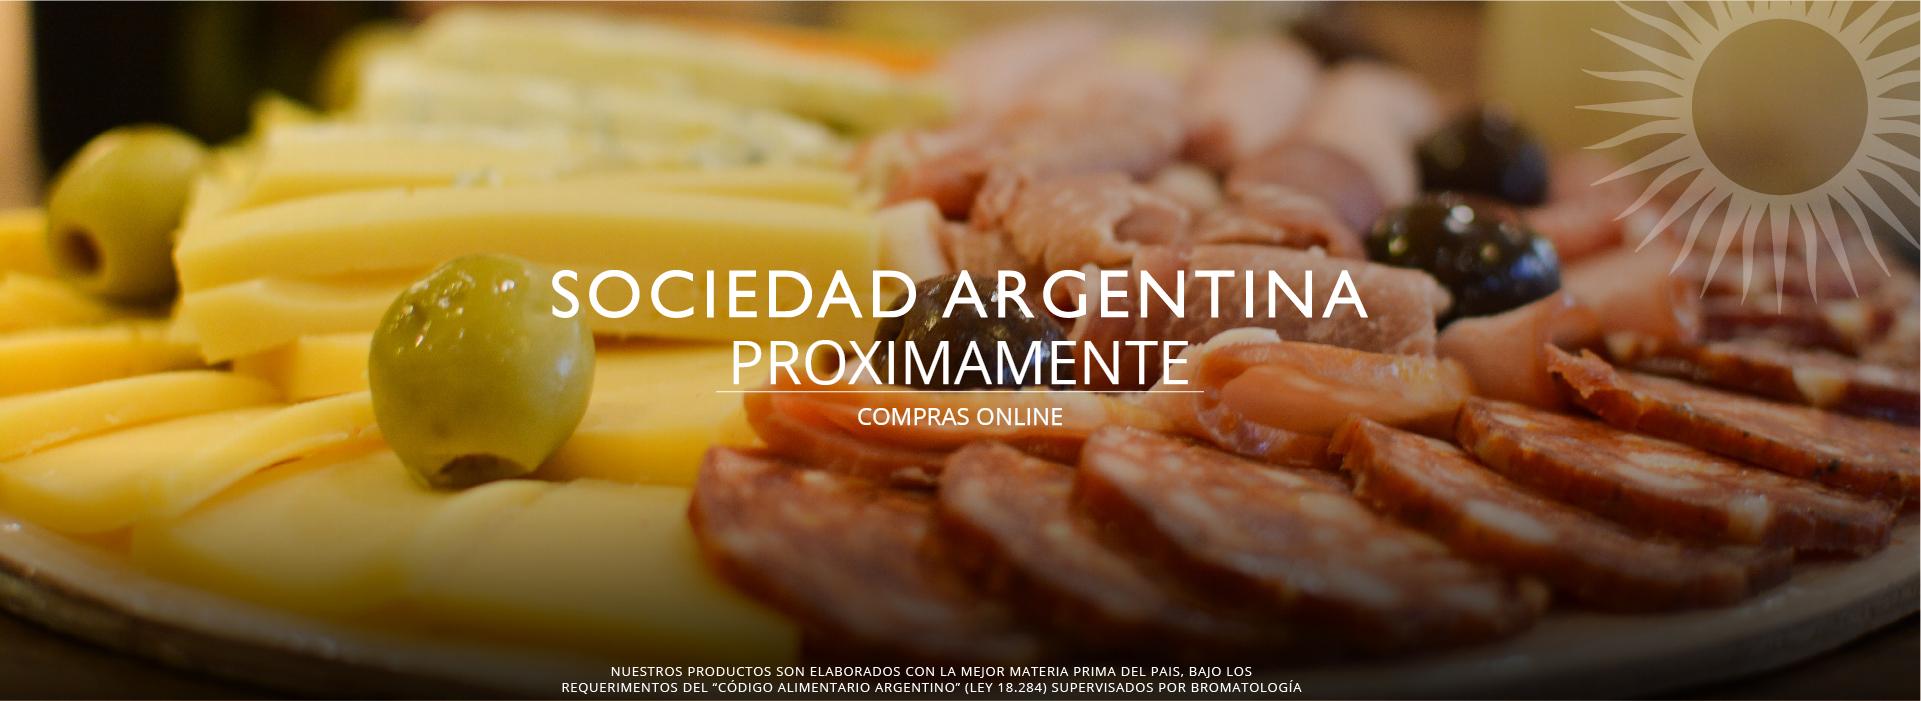 Proximamente_Web-03